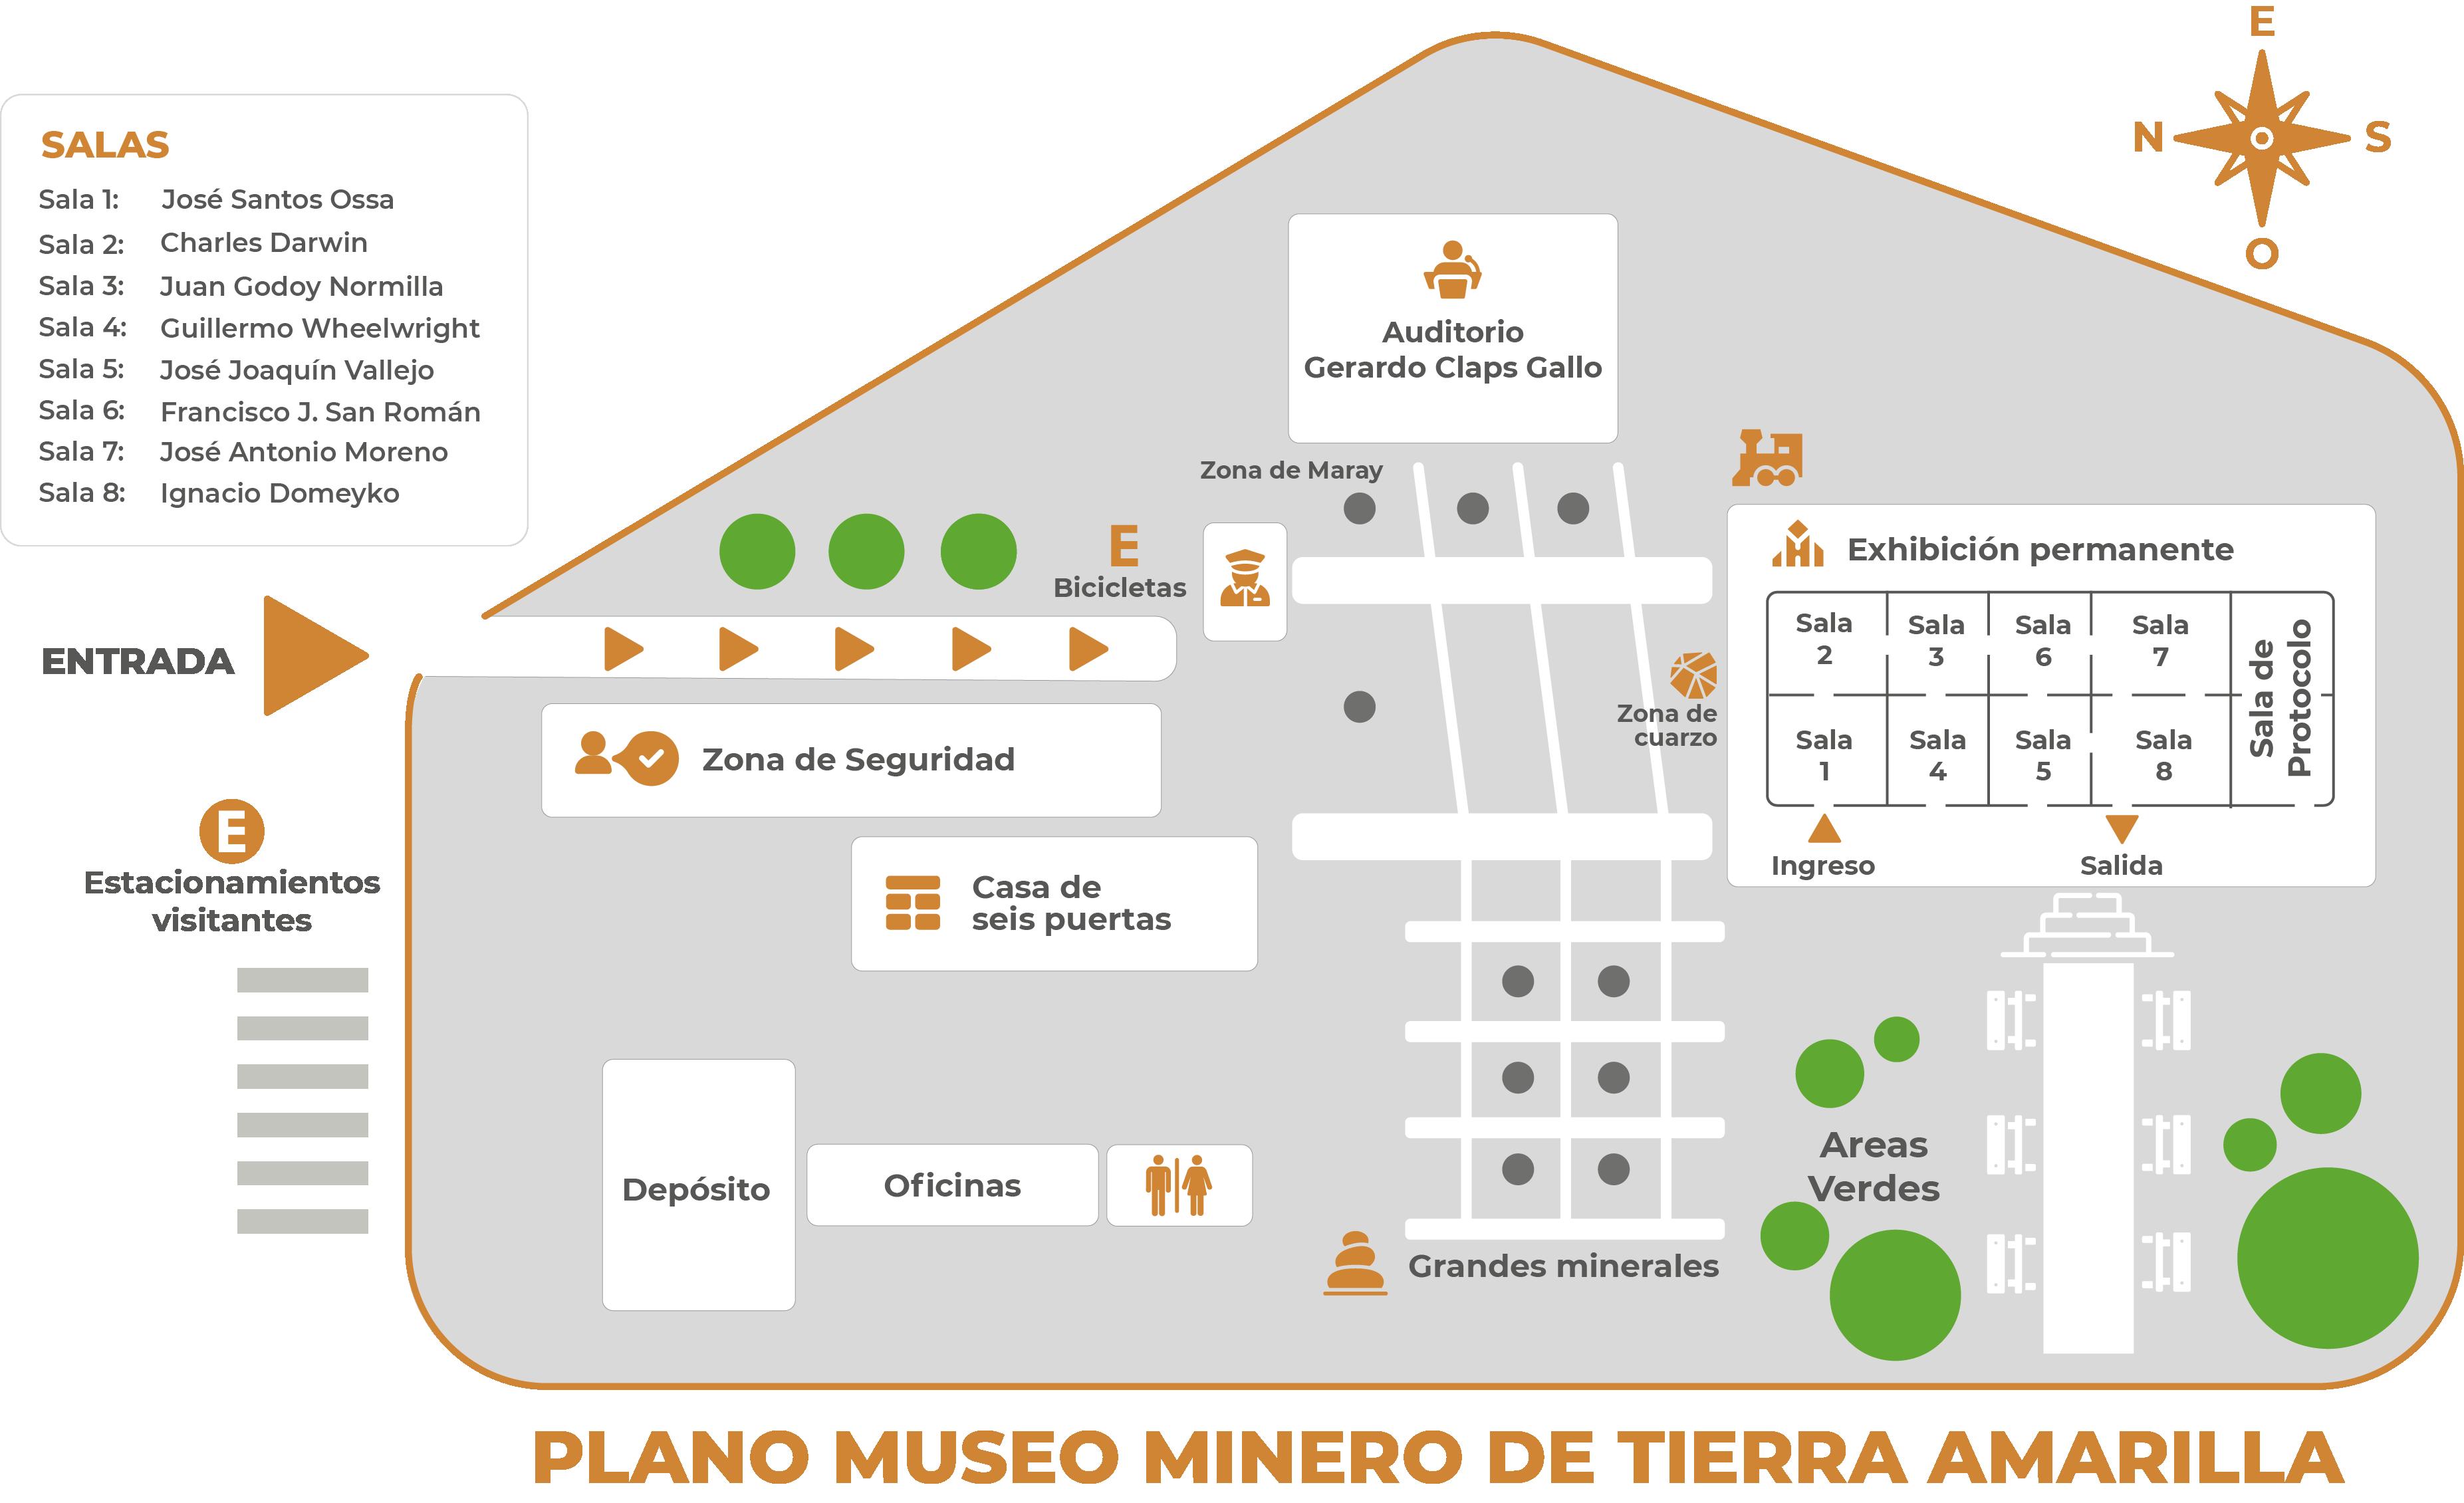 Plano Museo Minero